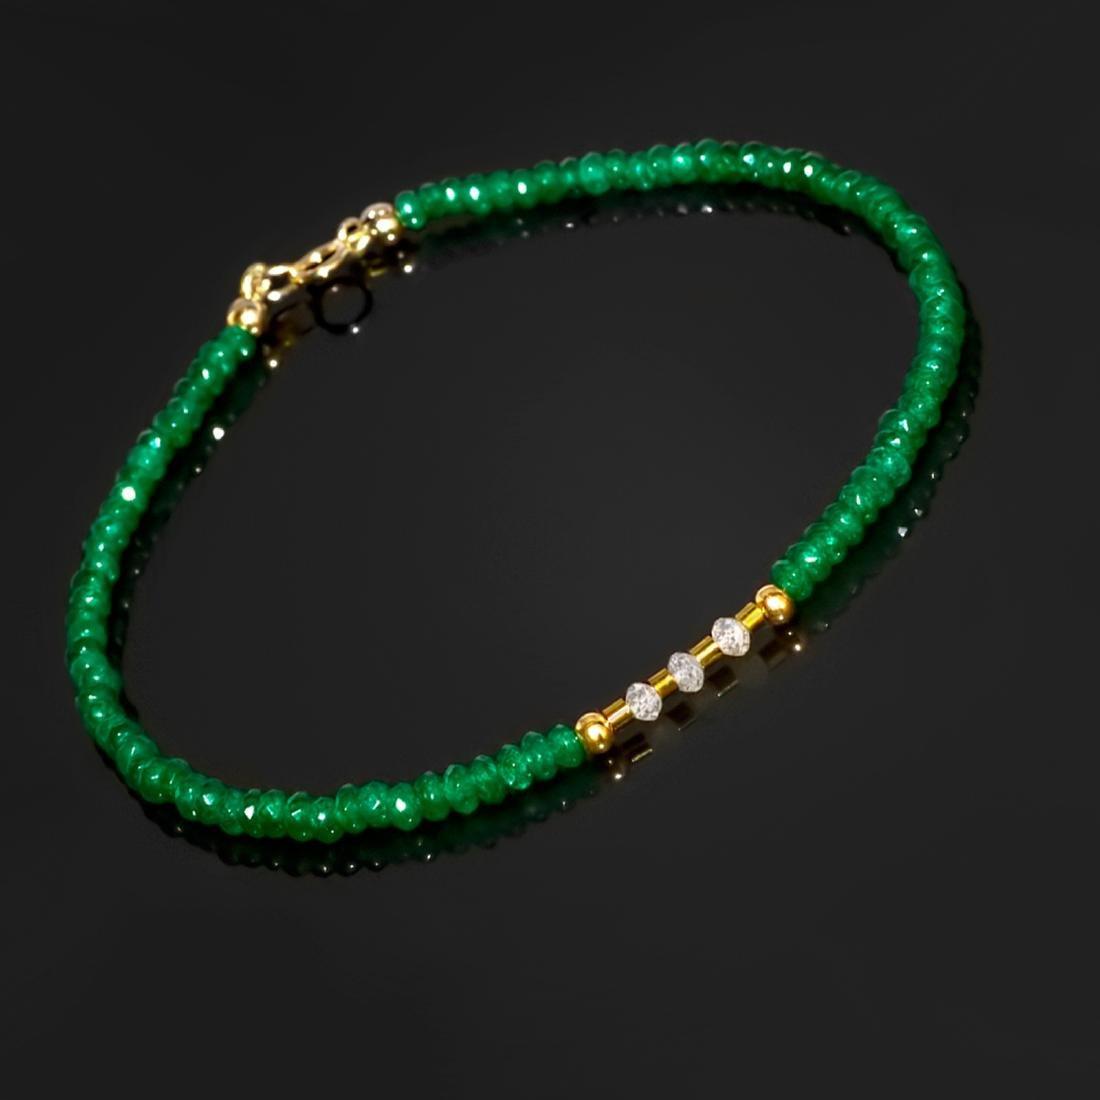 14K Retro Style Precious Jadeite Jade bracelet with - 5